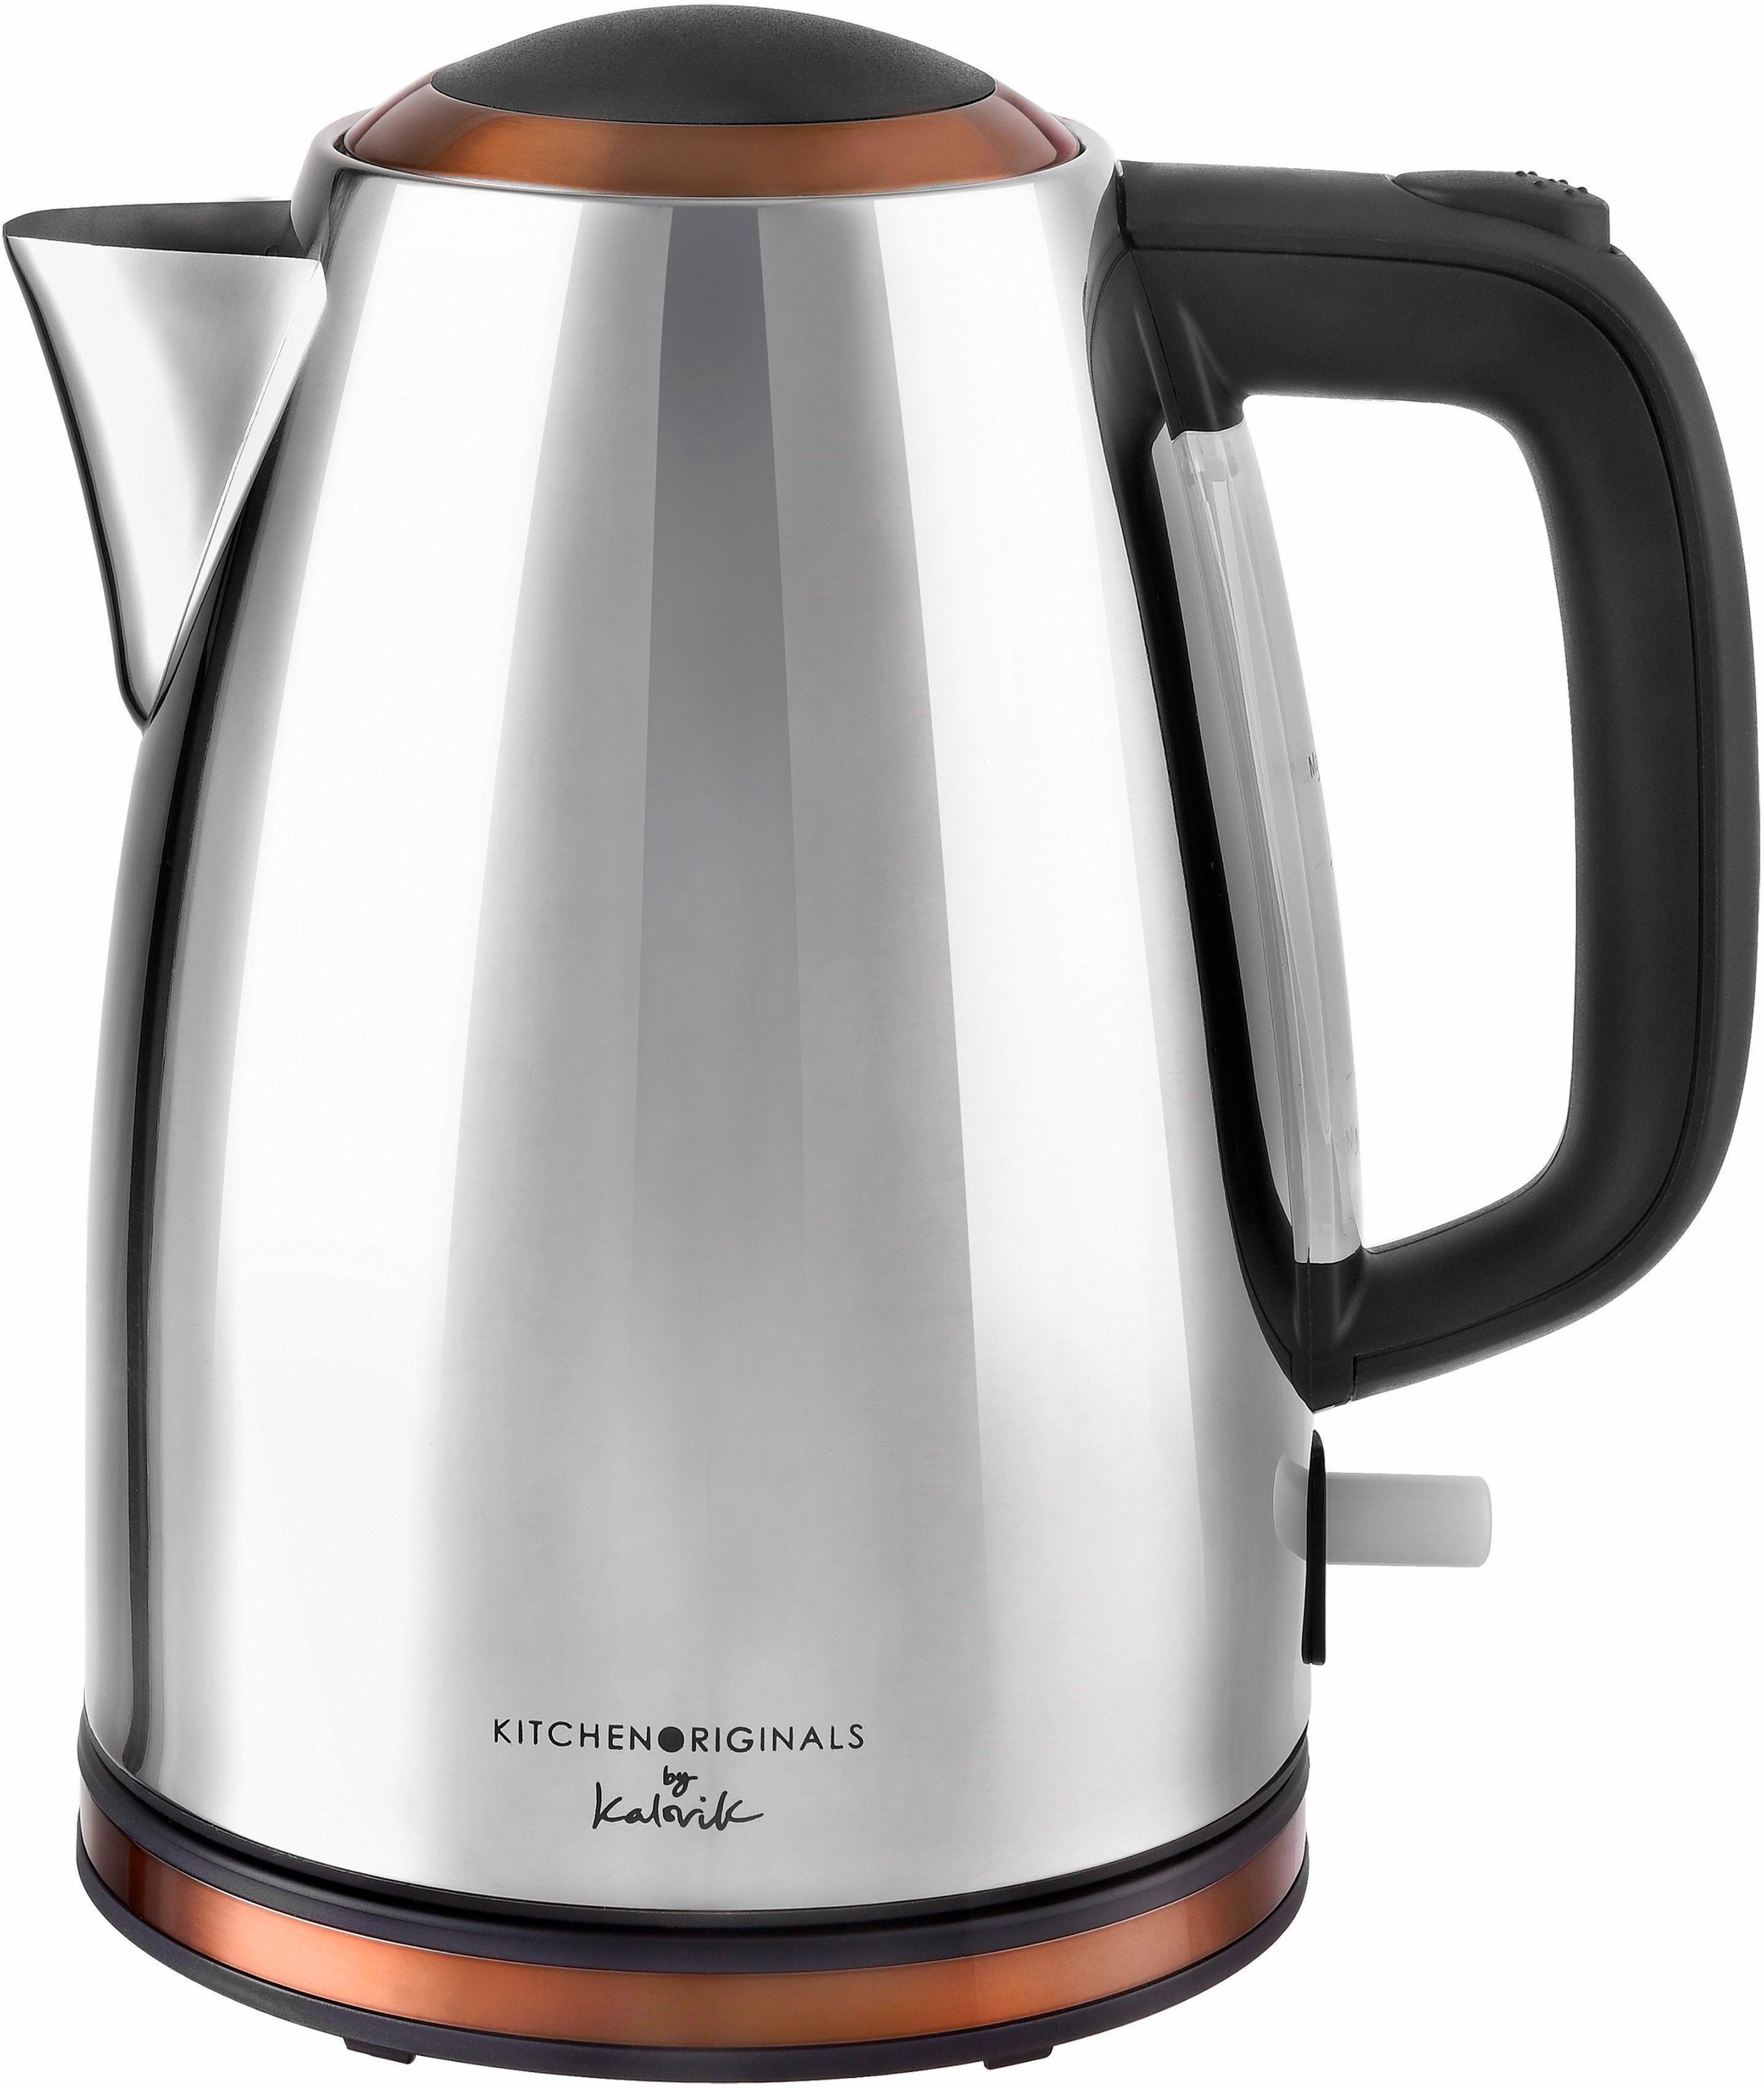 Wasserkocher Keramik Preisvergleich • Die besten Angebote online kaufen